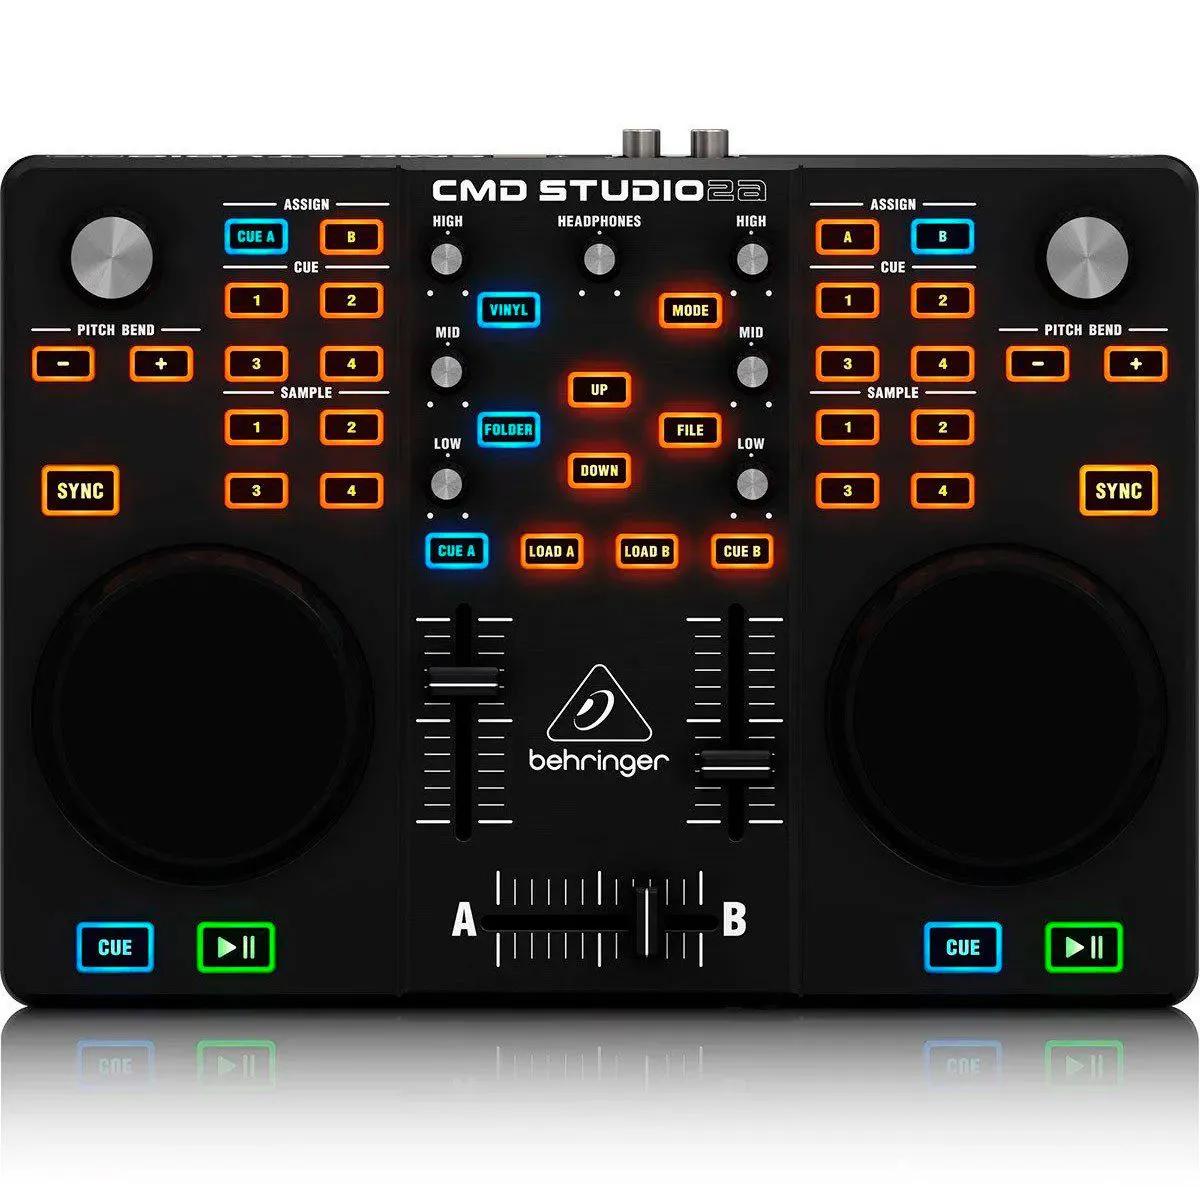 Controlador Behringer CMD Studio 2A DJ USB